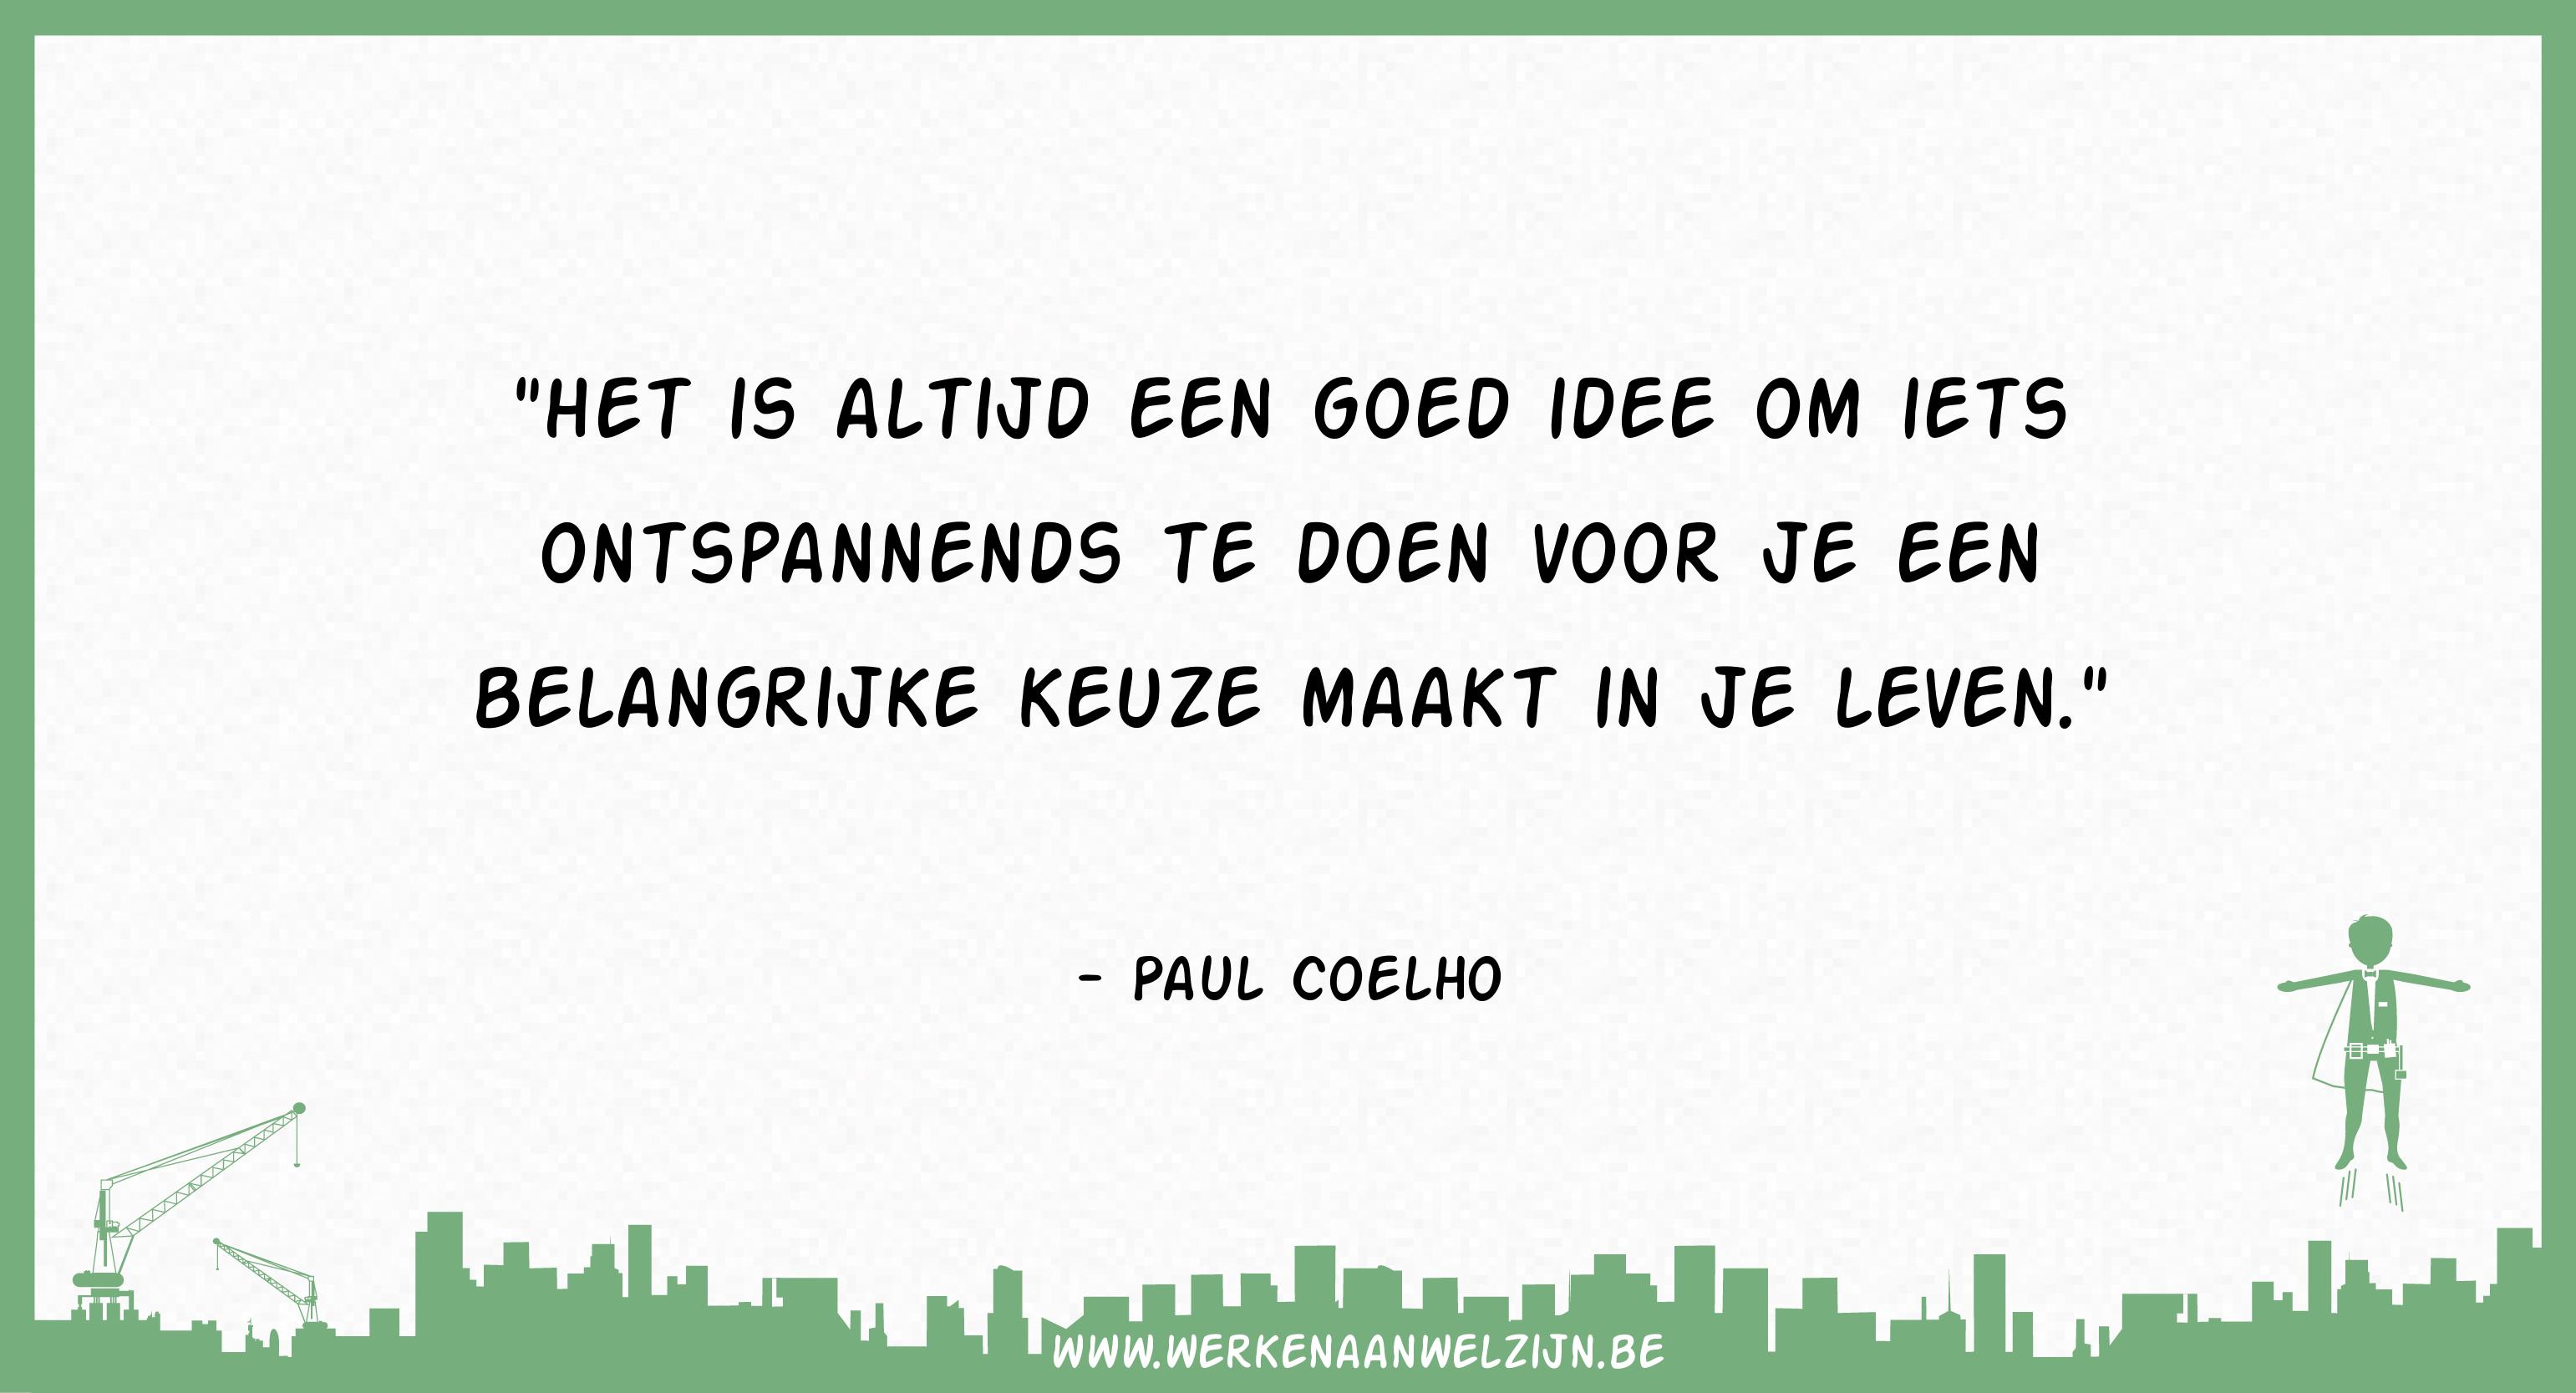 Het is altijd een goed idee om iets ontspannends te doen voor je een belangrijke keuze maakt in je leven (Paul Coelho)